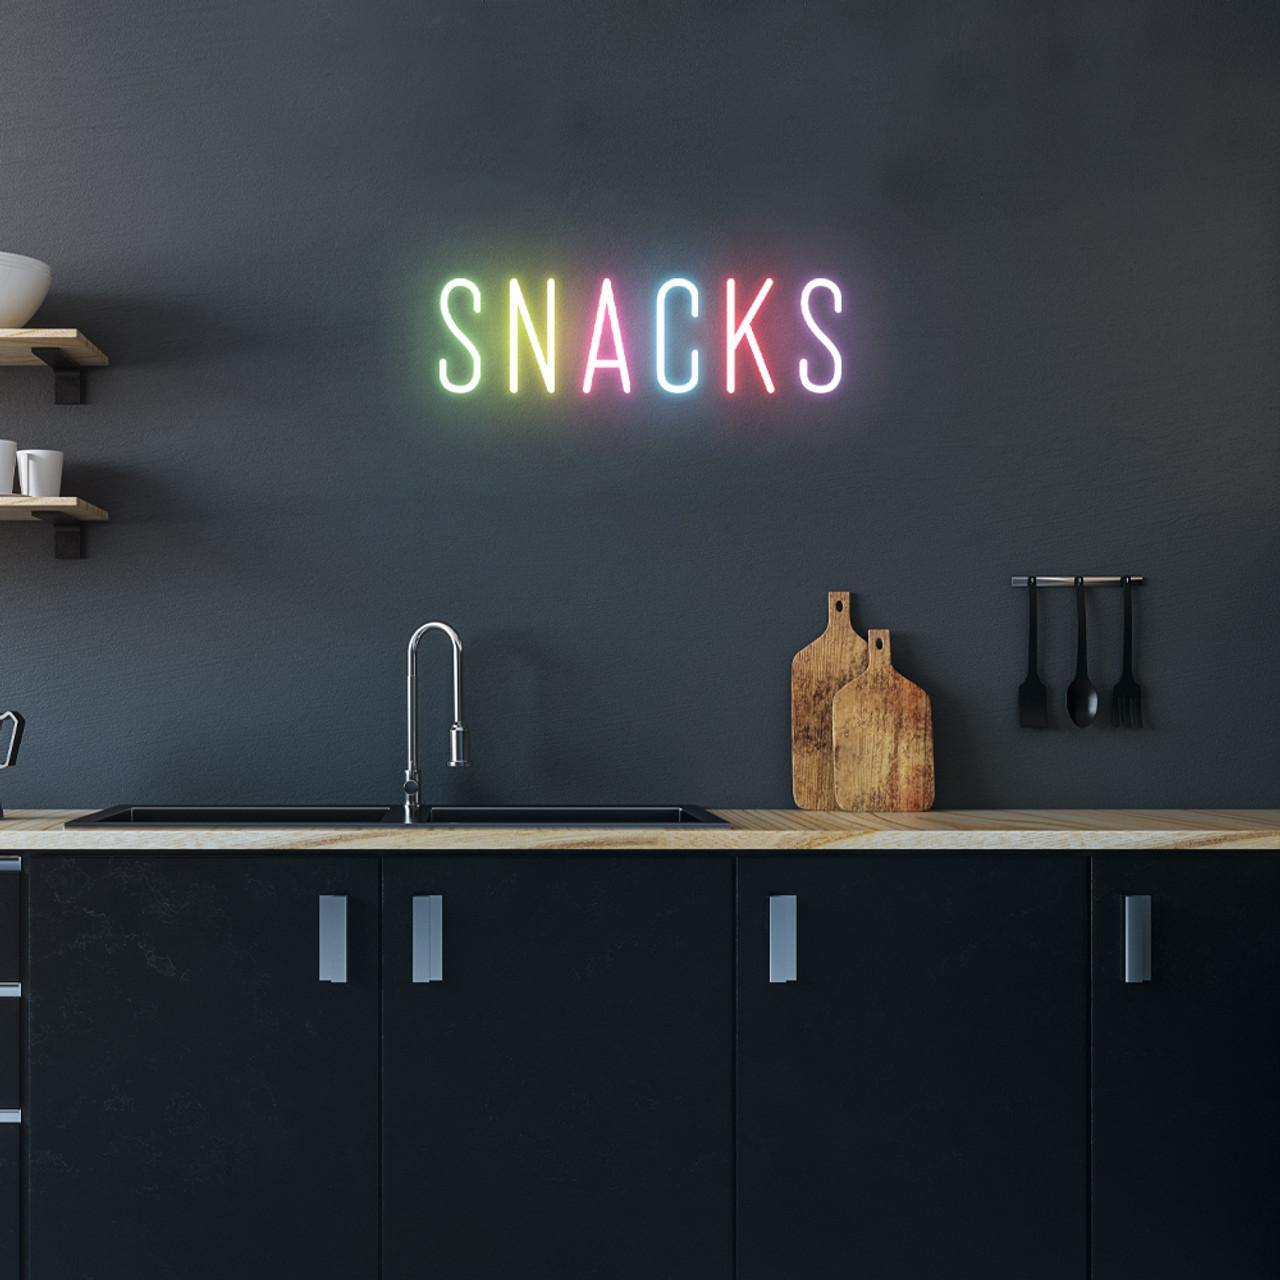 Snacks Led Neon Sign Ultraleds